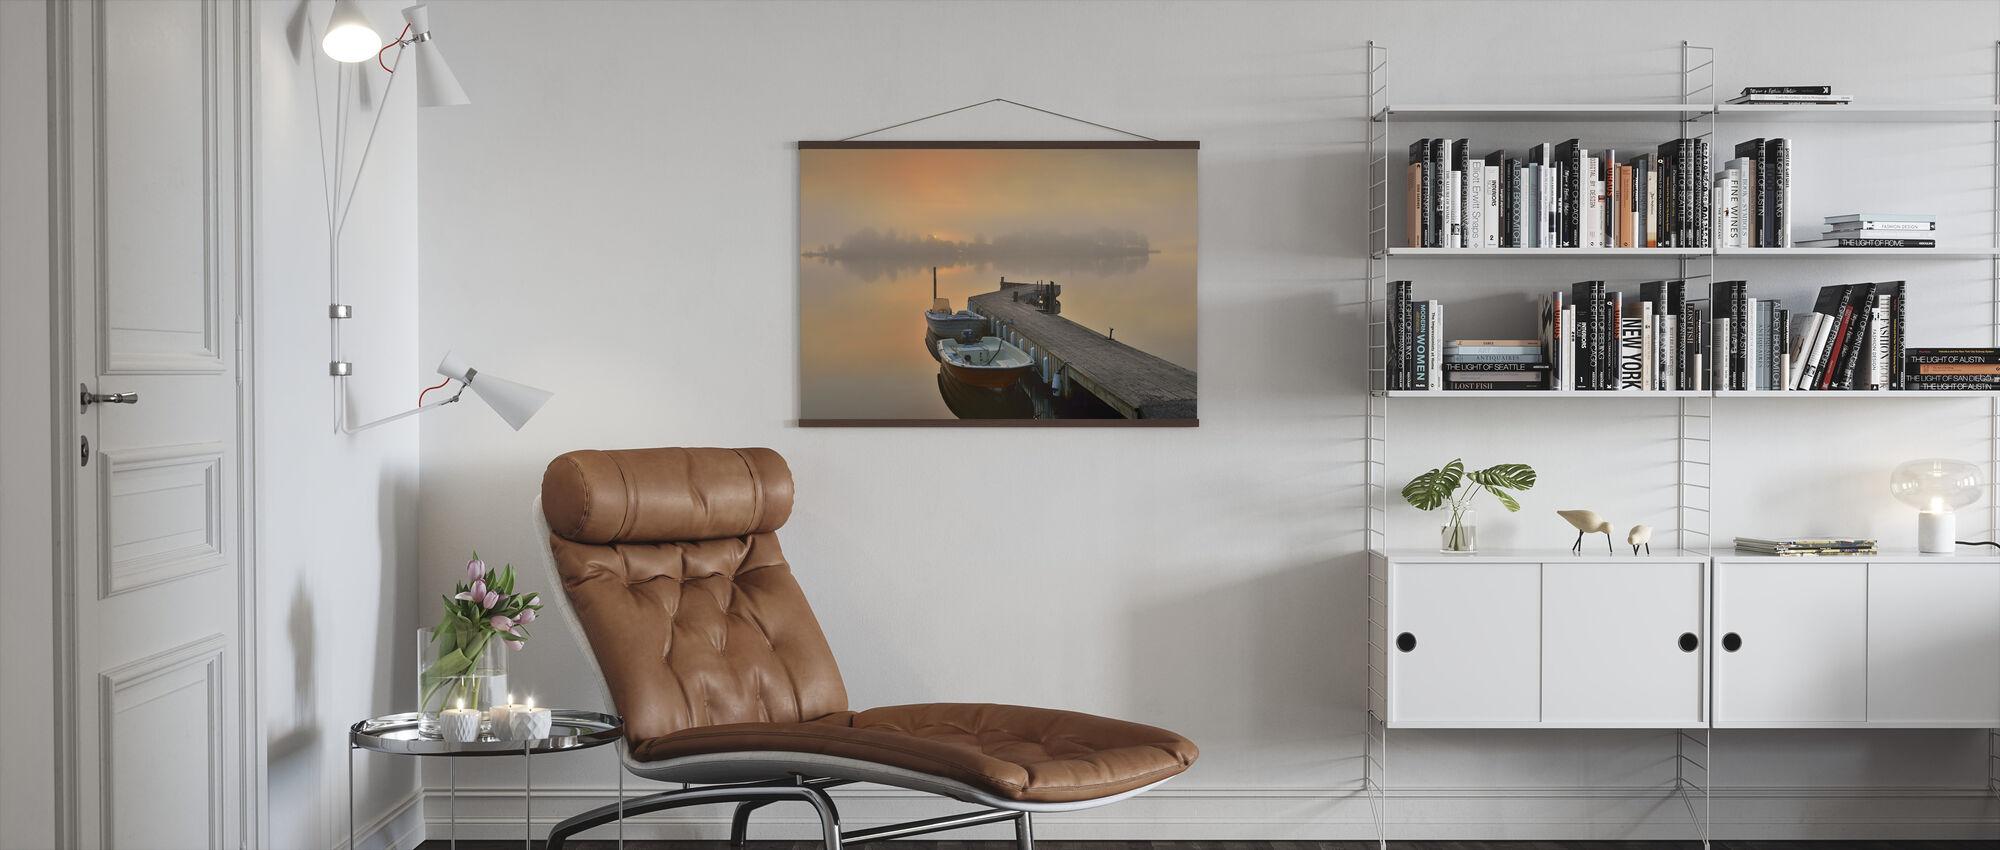 Boatlife in Stockholm Archipelago - Poster - Living Room